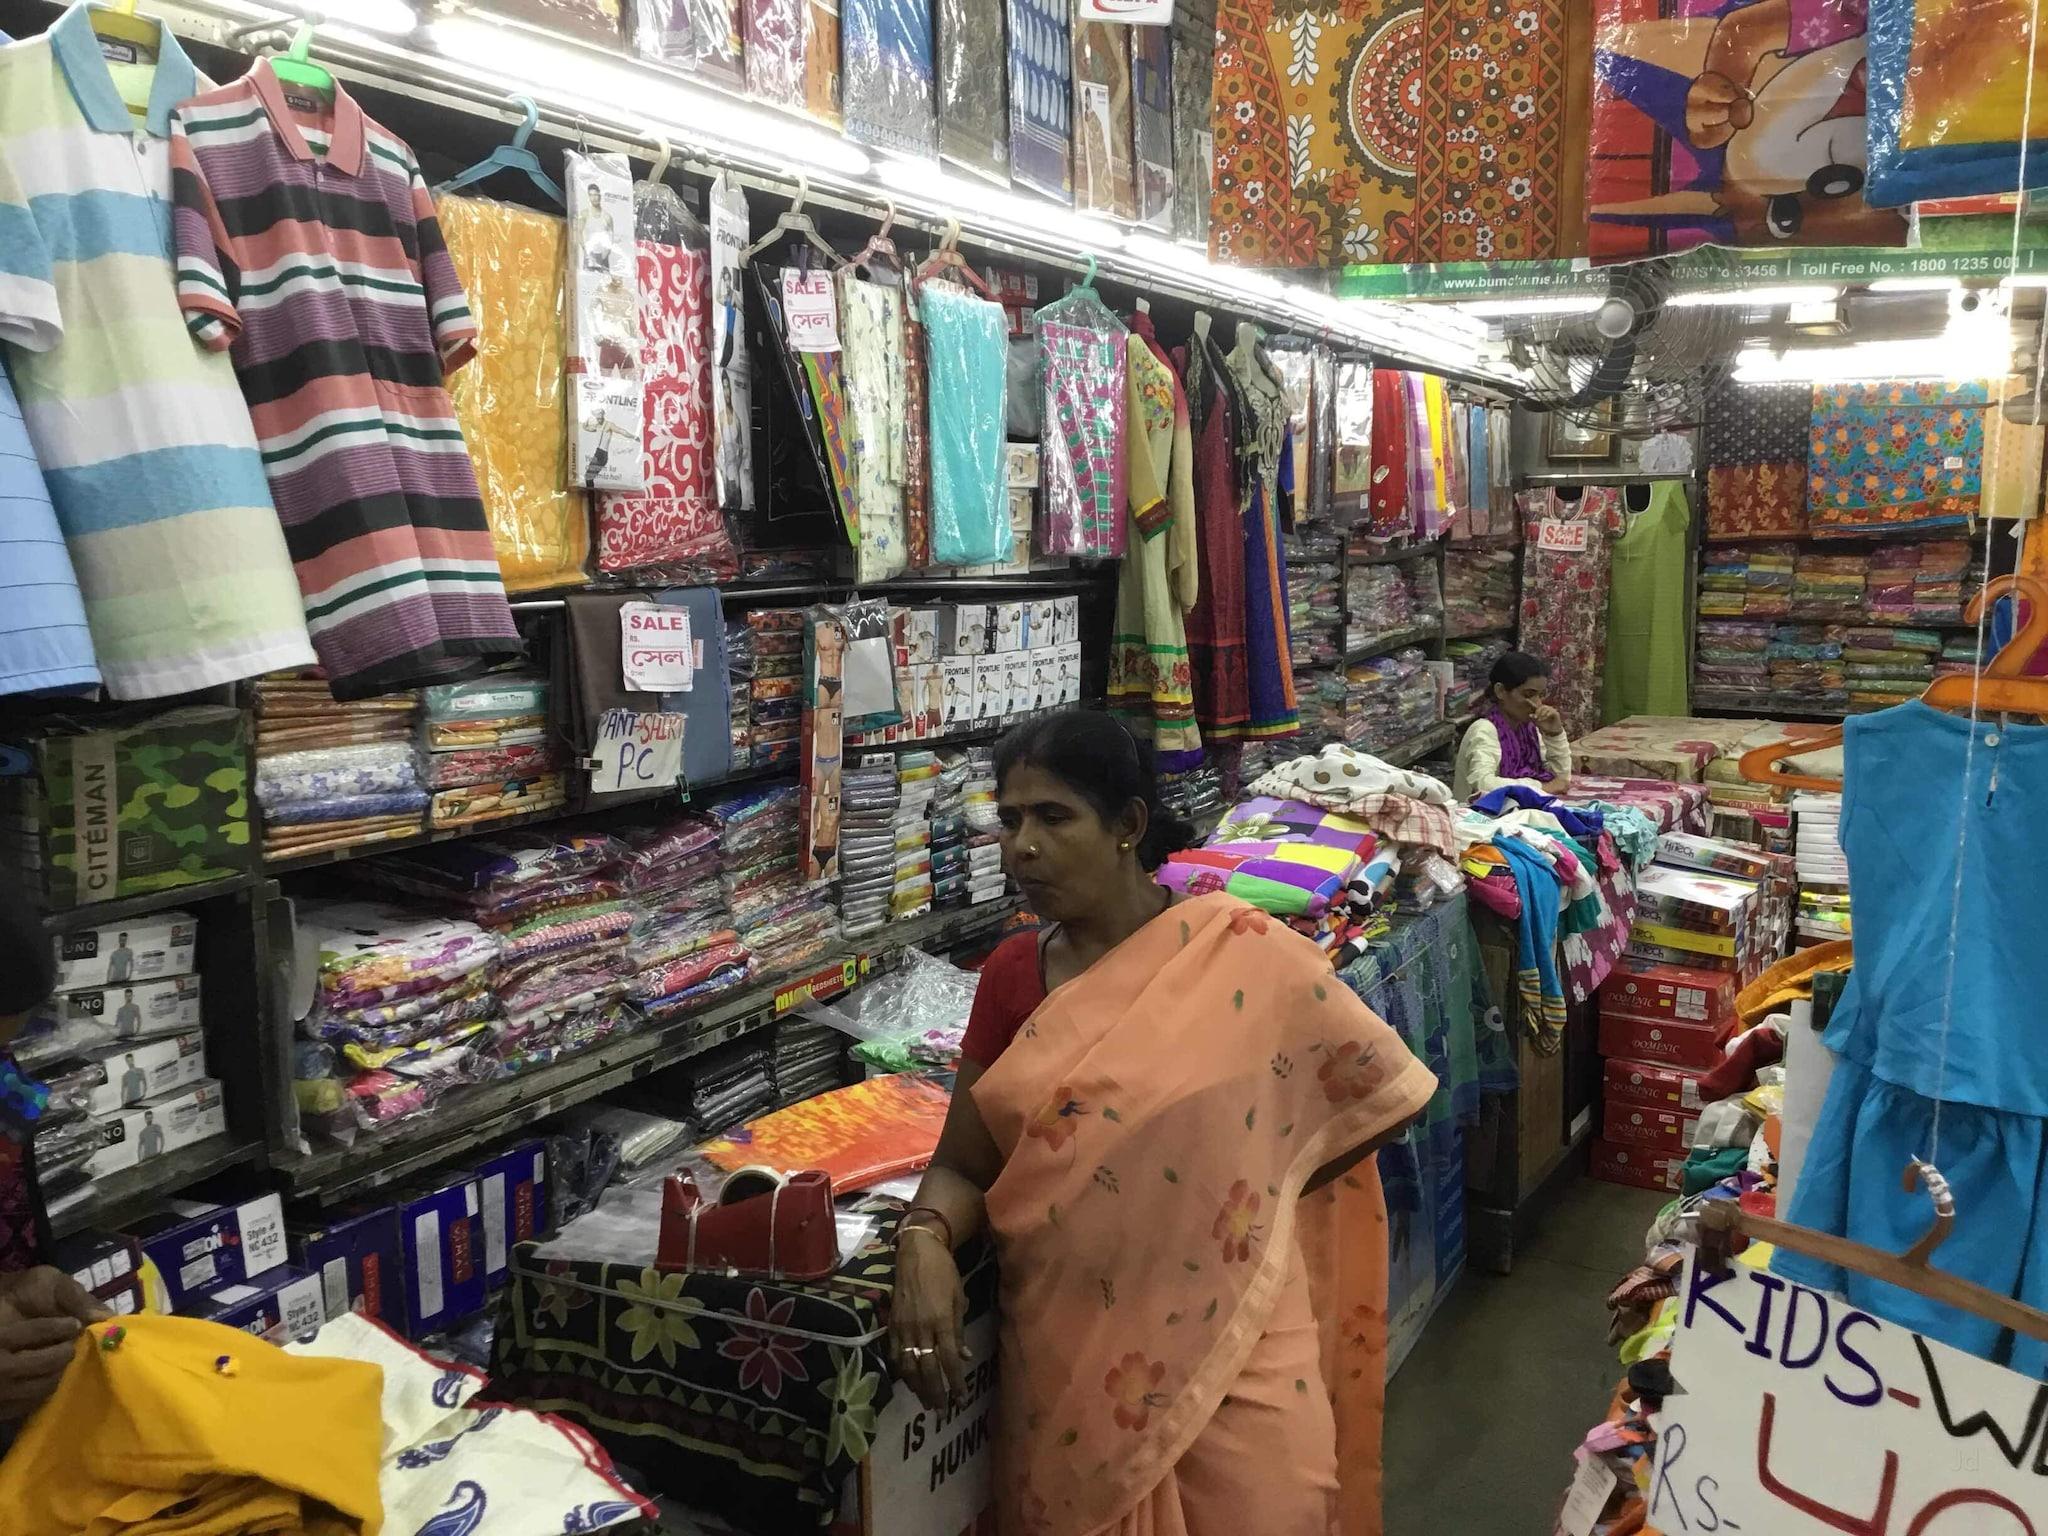 Top Woollen Sweater Wholesalers in Kolkata - Best Woolen